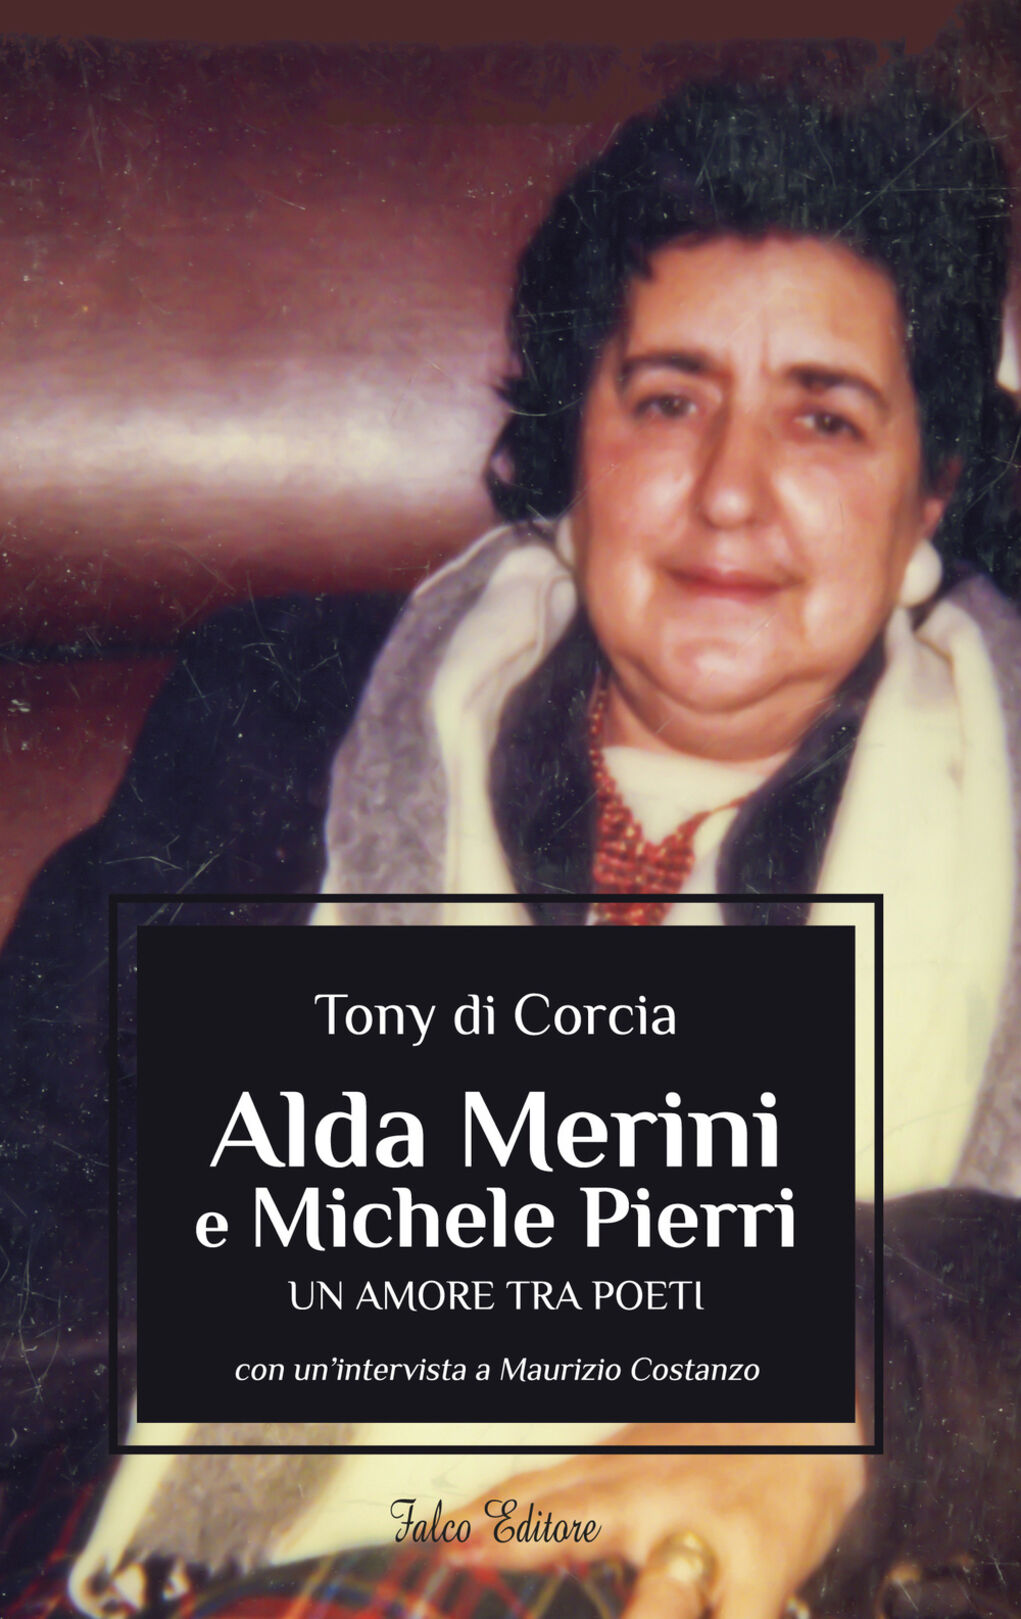 Alda Merini e Michele Pierri. Un amore tra poeti